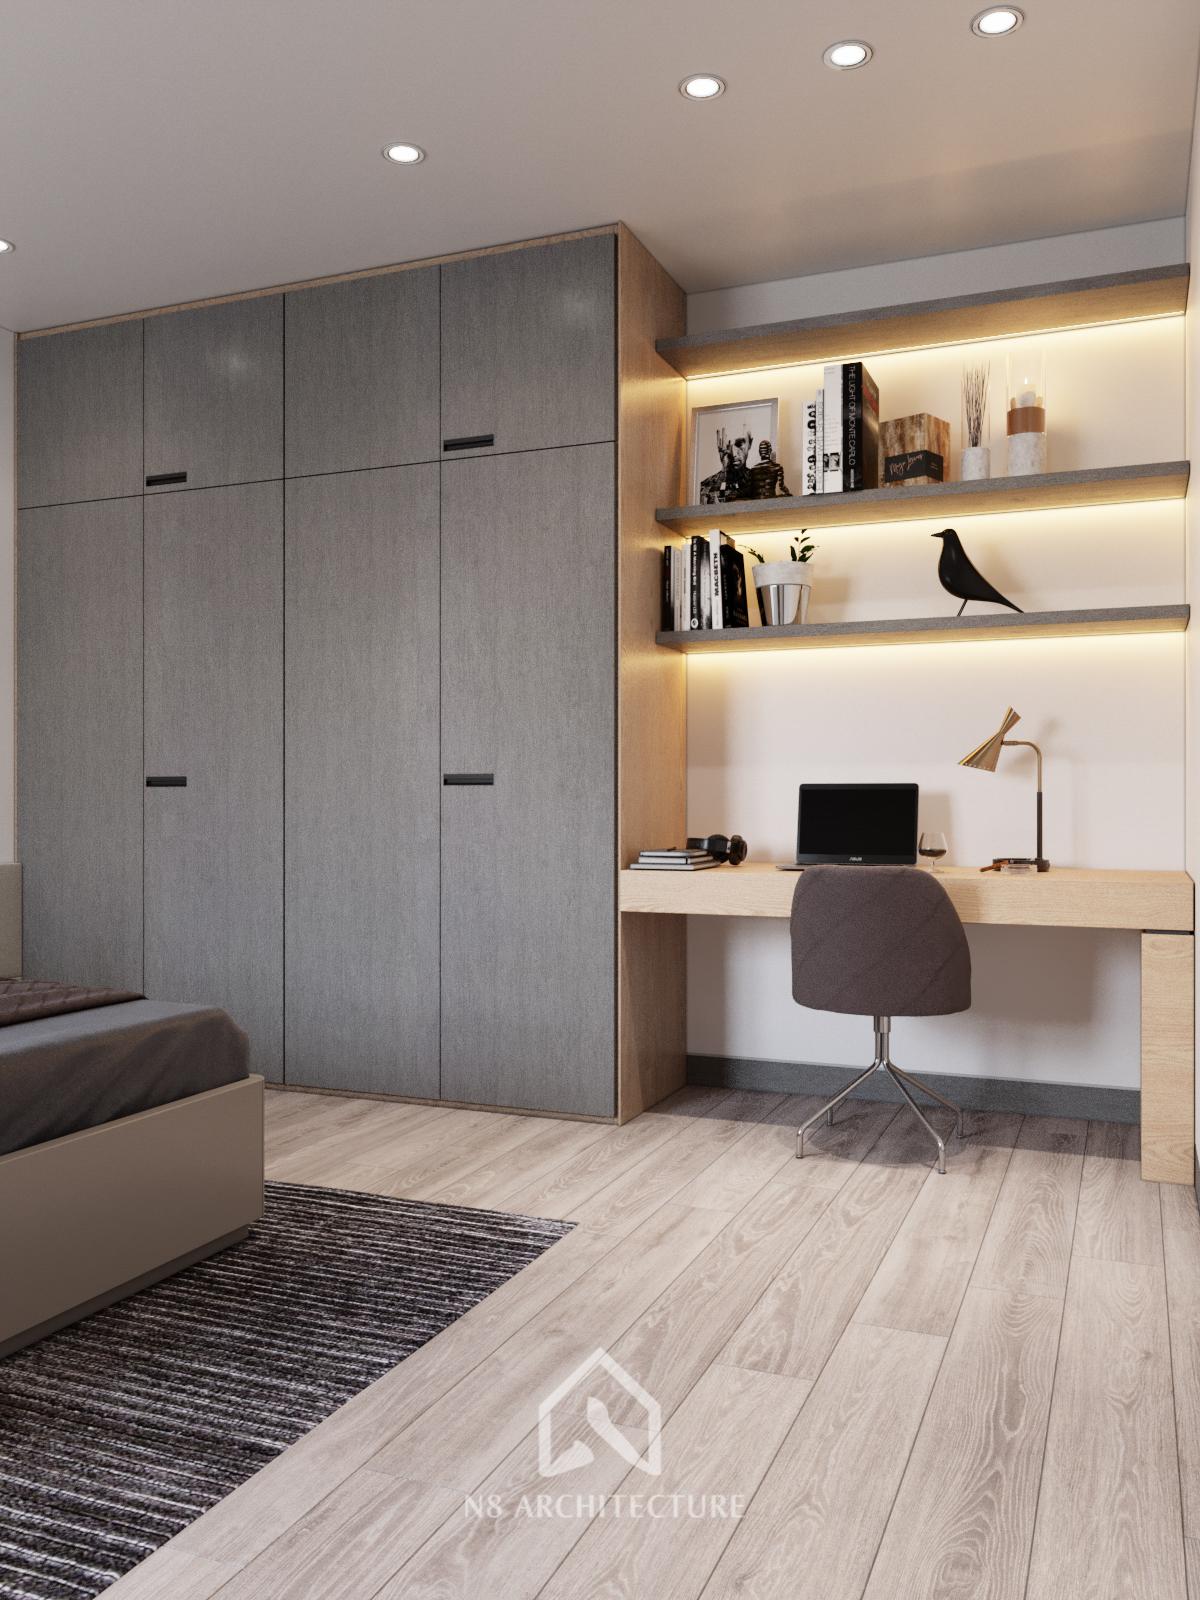 thiết kế nội thất phòng ngủ chung cư Tứ Hiệp Plaza 8